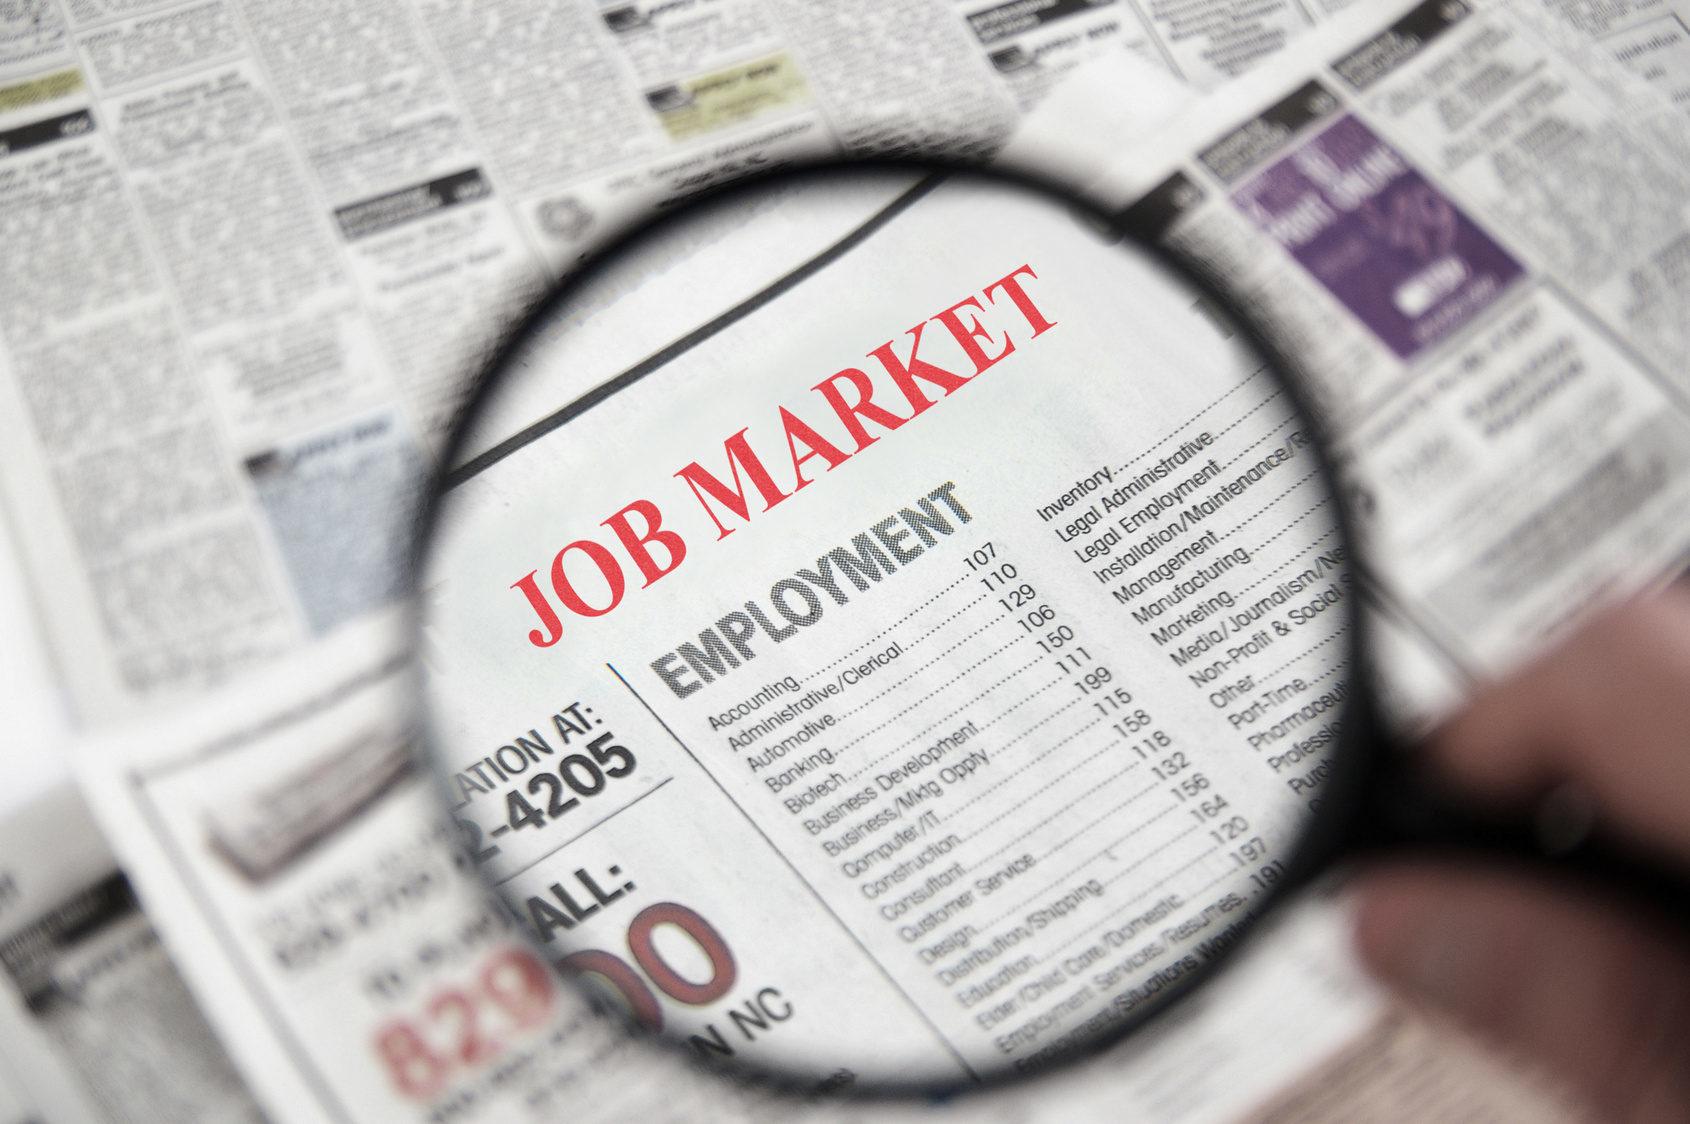 隨著疫情緩解,就業市場也會隨之好轉,但專家們普遍認為,大瘟疫後的經濟和以前將會大不相同,需求最大的工作也會有所不同。(Fotolia)